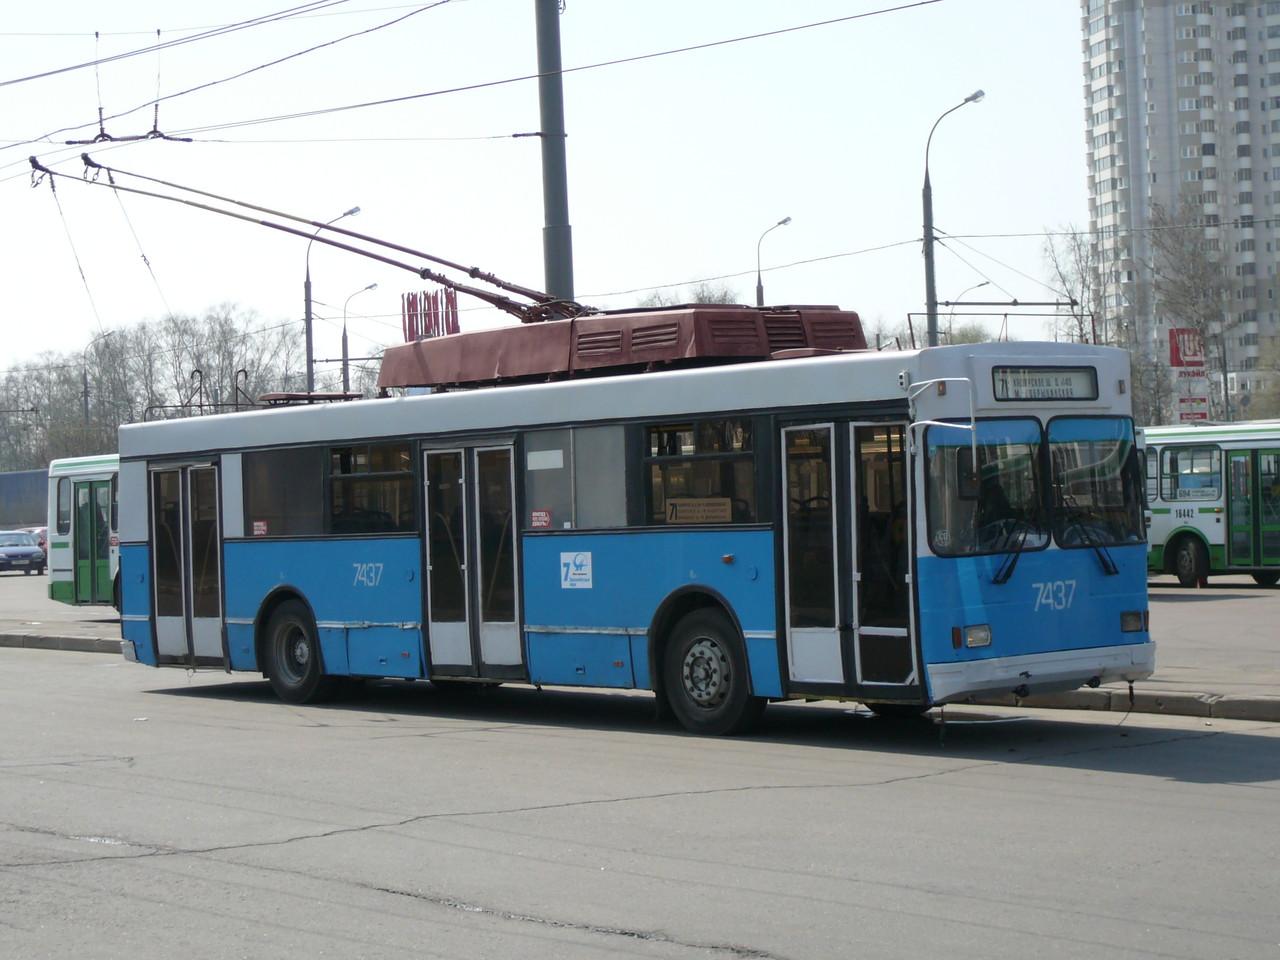 Тролза 5257.00 отличалась низким уровнем пола по всей длине, ради чего контакторную панель спрятали под пол. Москва. 29.04.2009